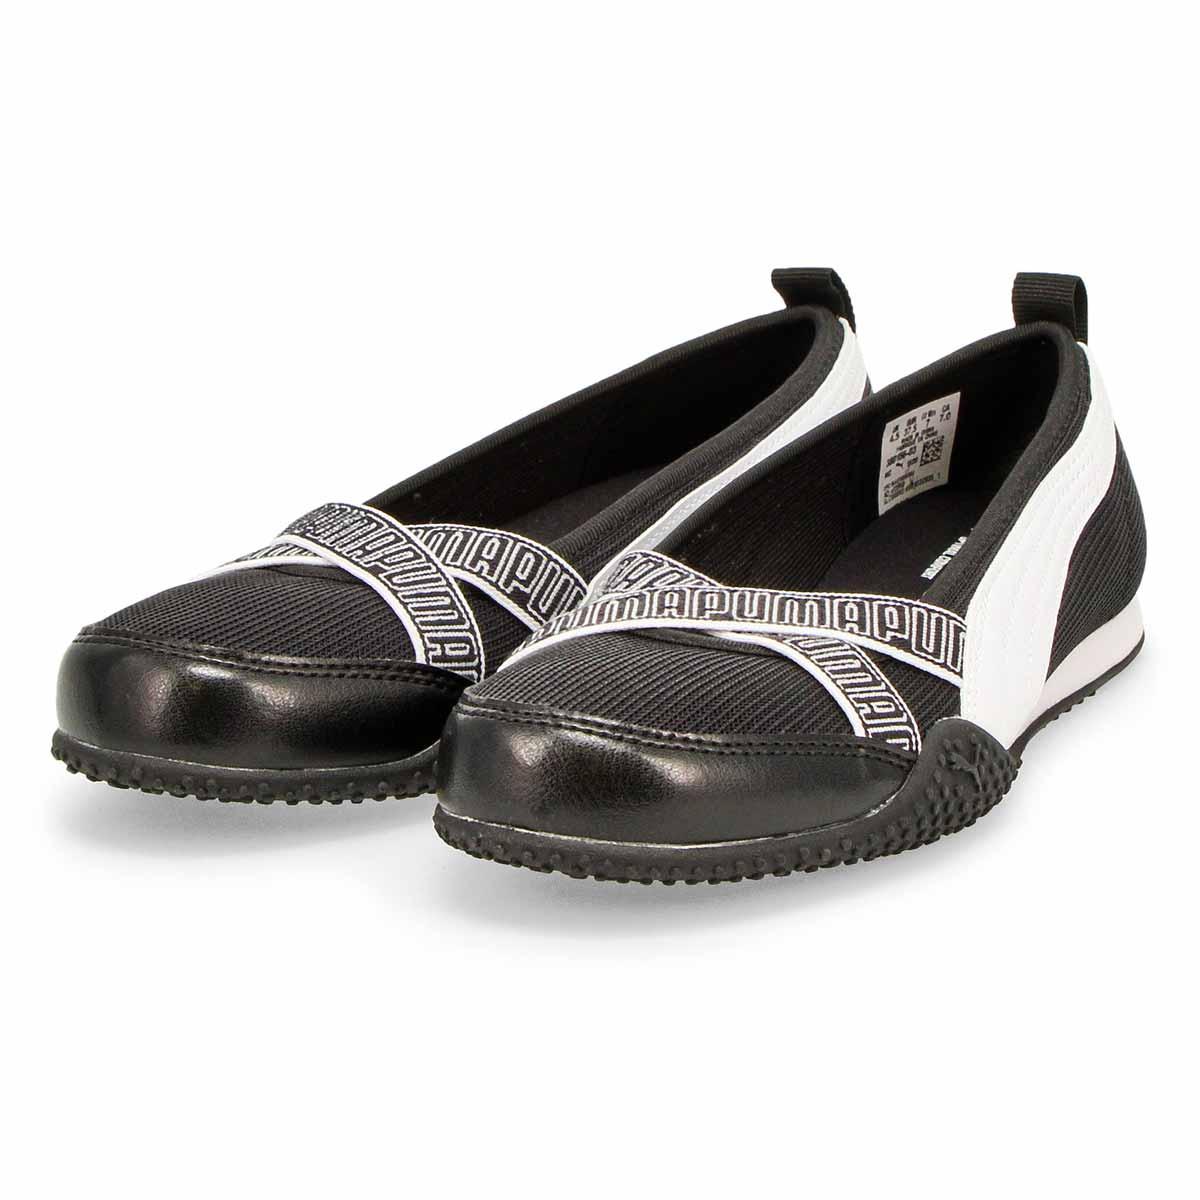 Women's Bella Ballerina Sneaker - Black/White